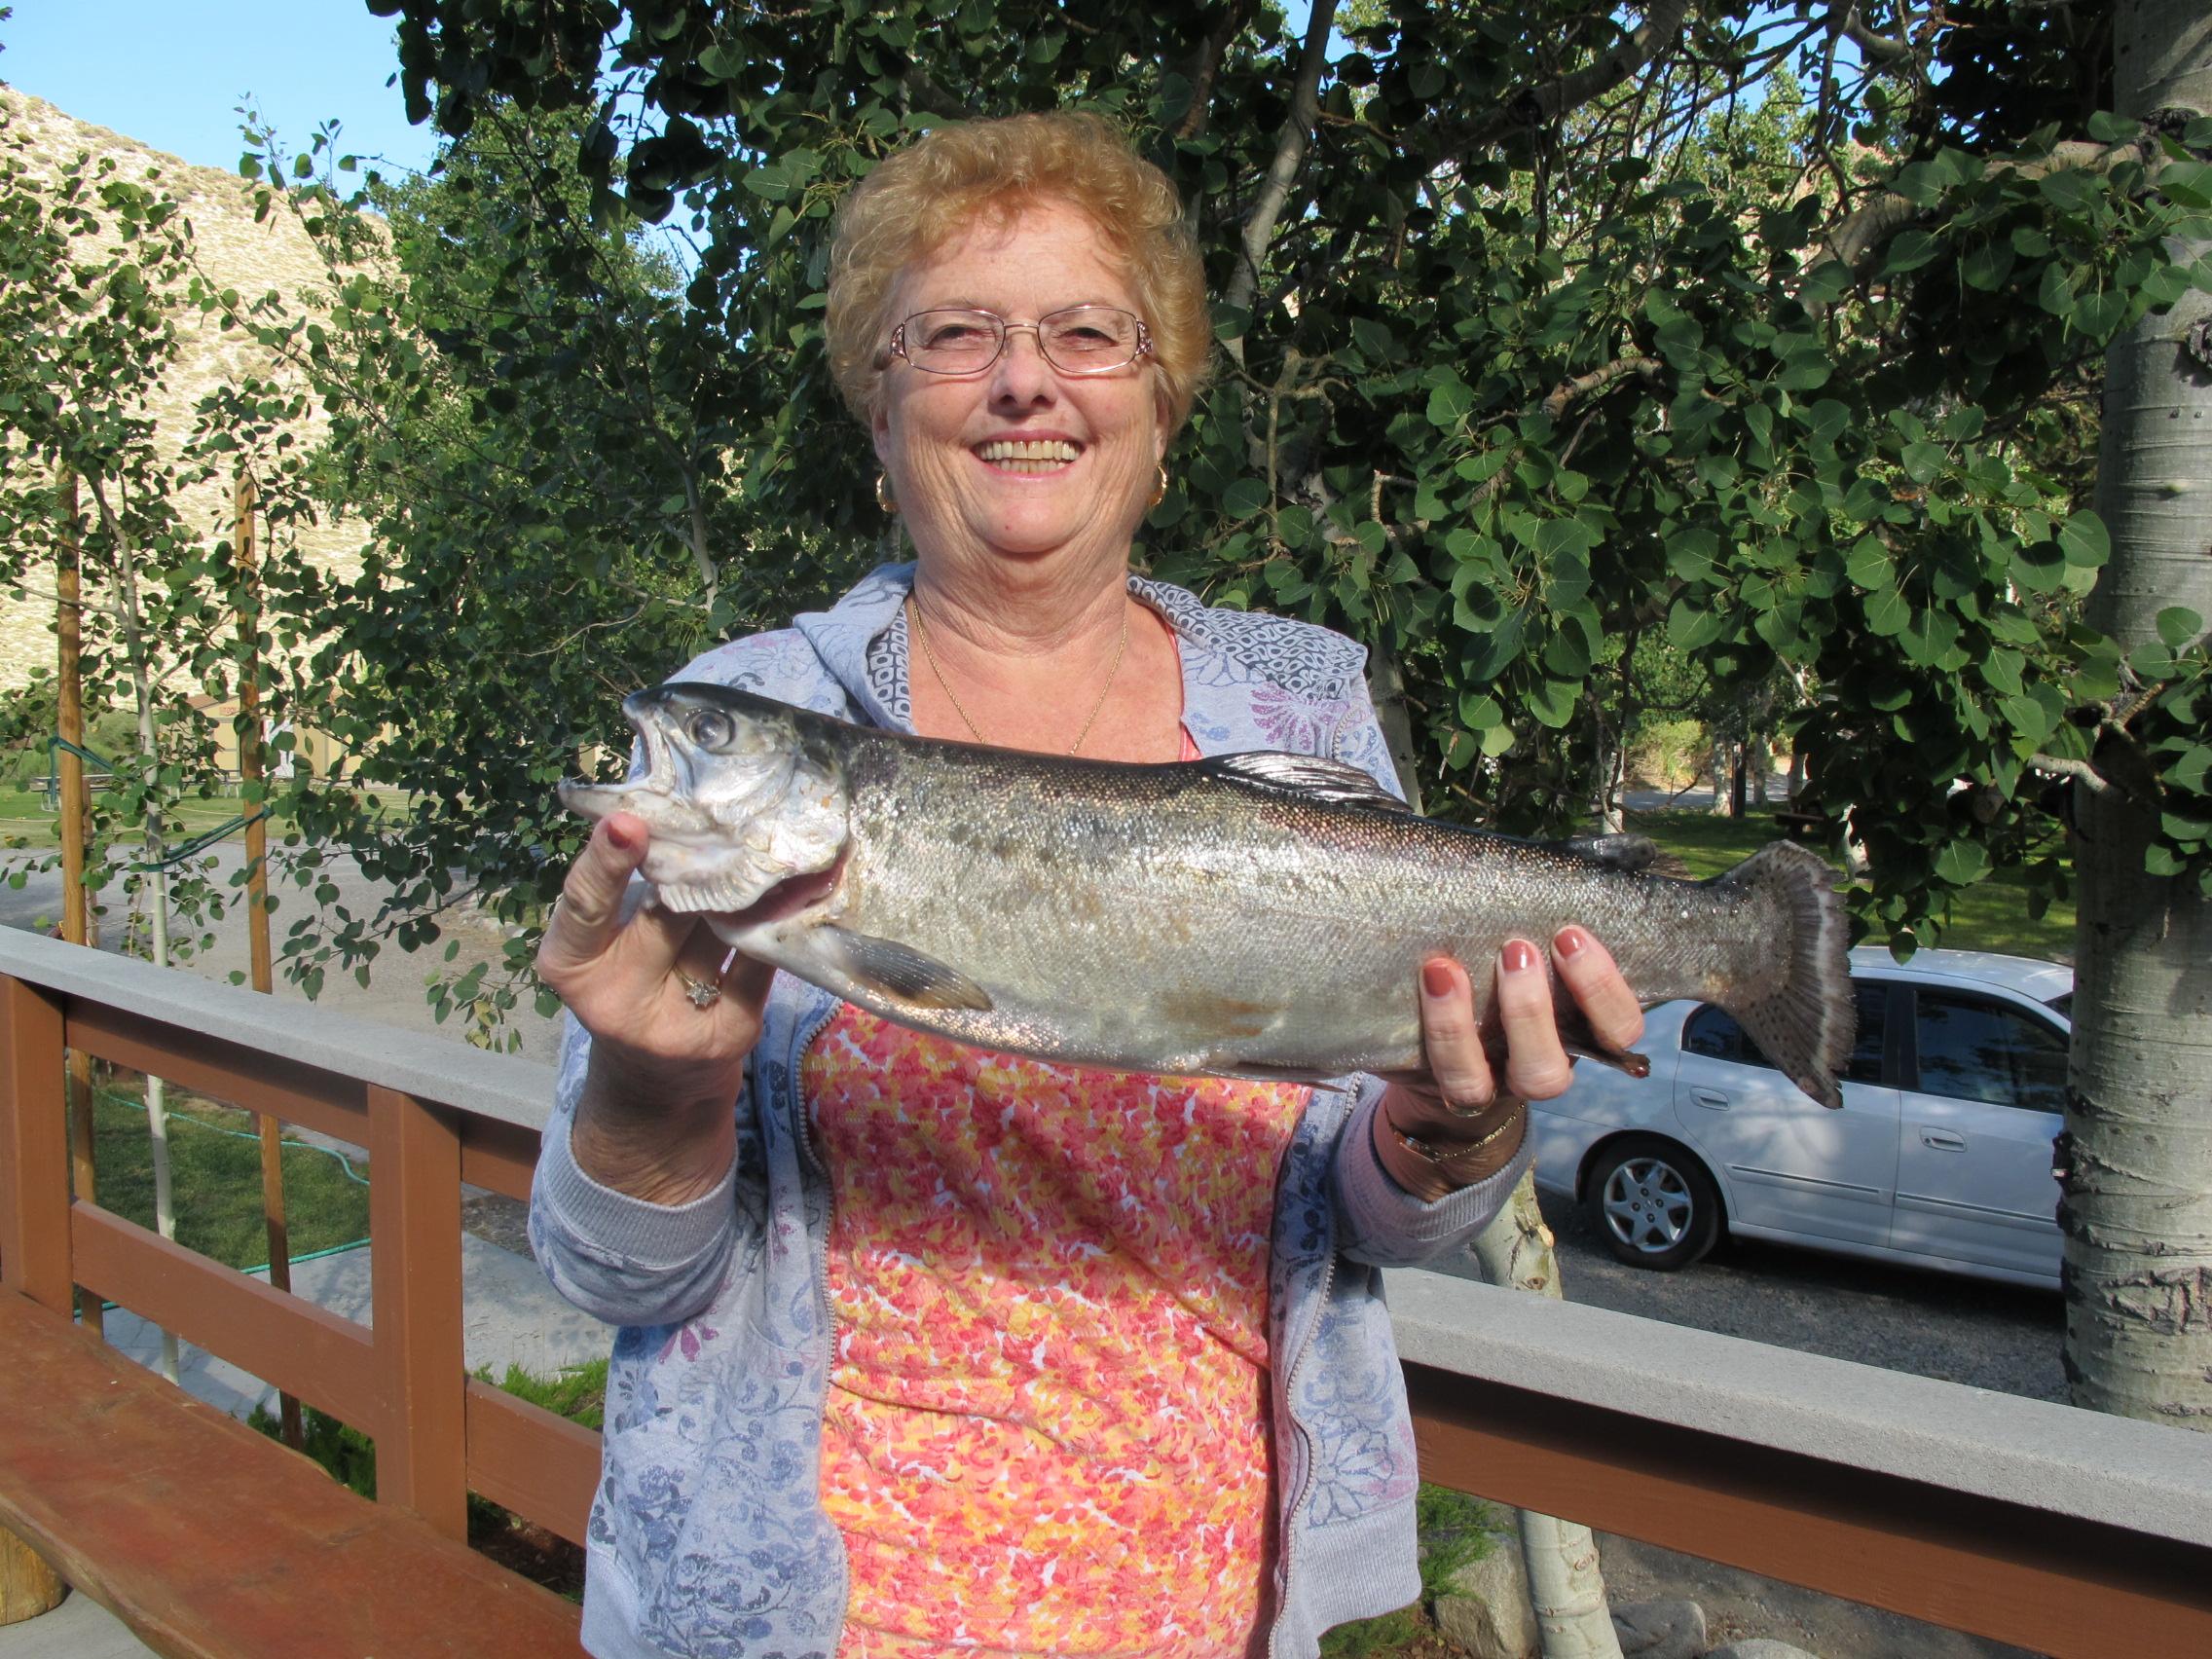 Convict lake fishing report june 29 2013 convict lake for June lake fishing report